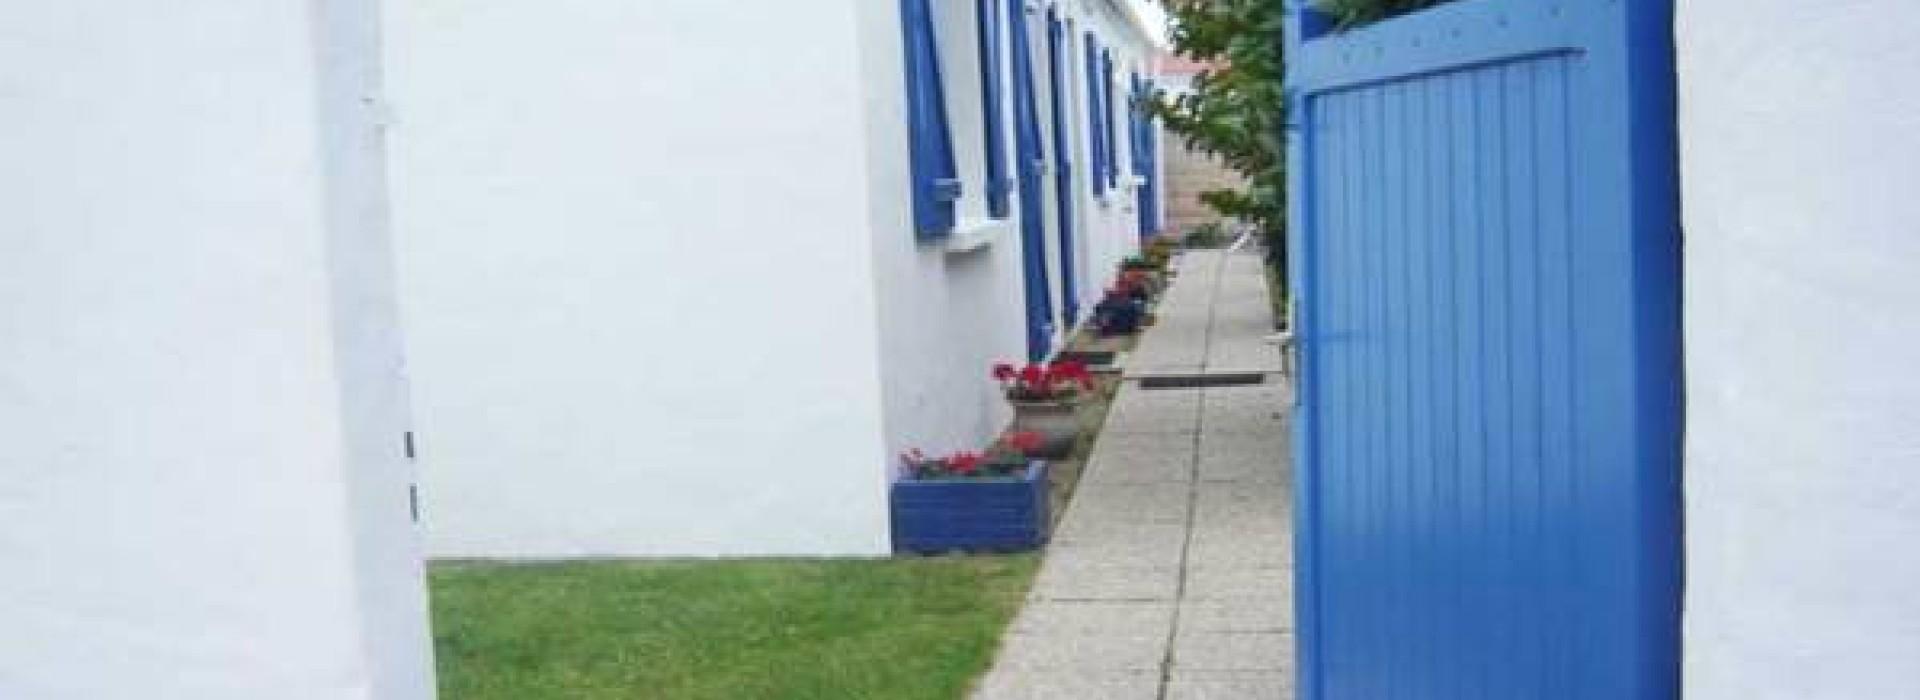 Chambre d 39 hotes a l 39 herbaudiere sur l 39 ile de noirmoutier - Chambres d hotes noirmoutier en l ile ...